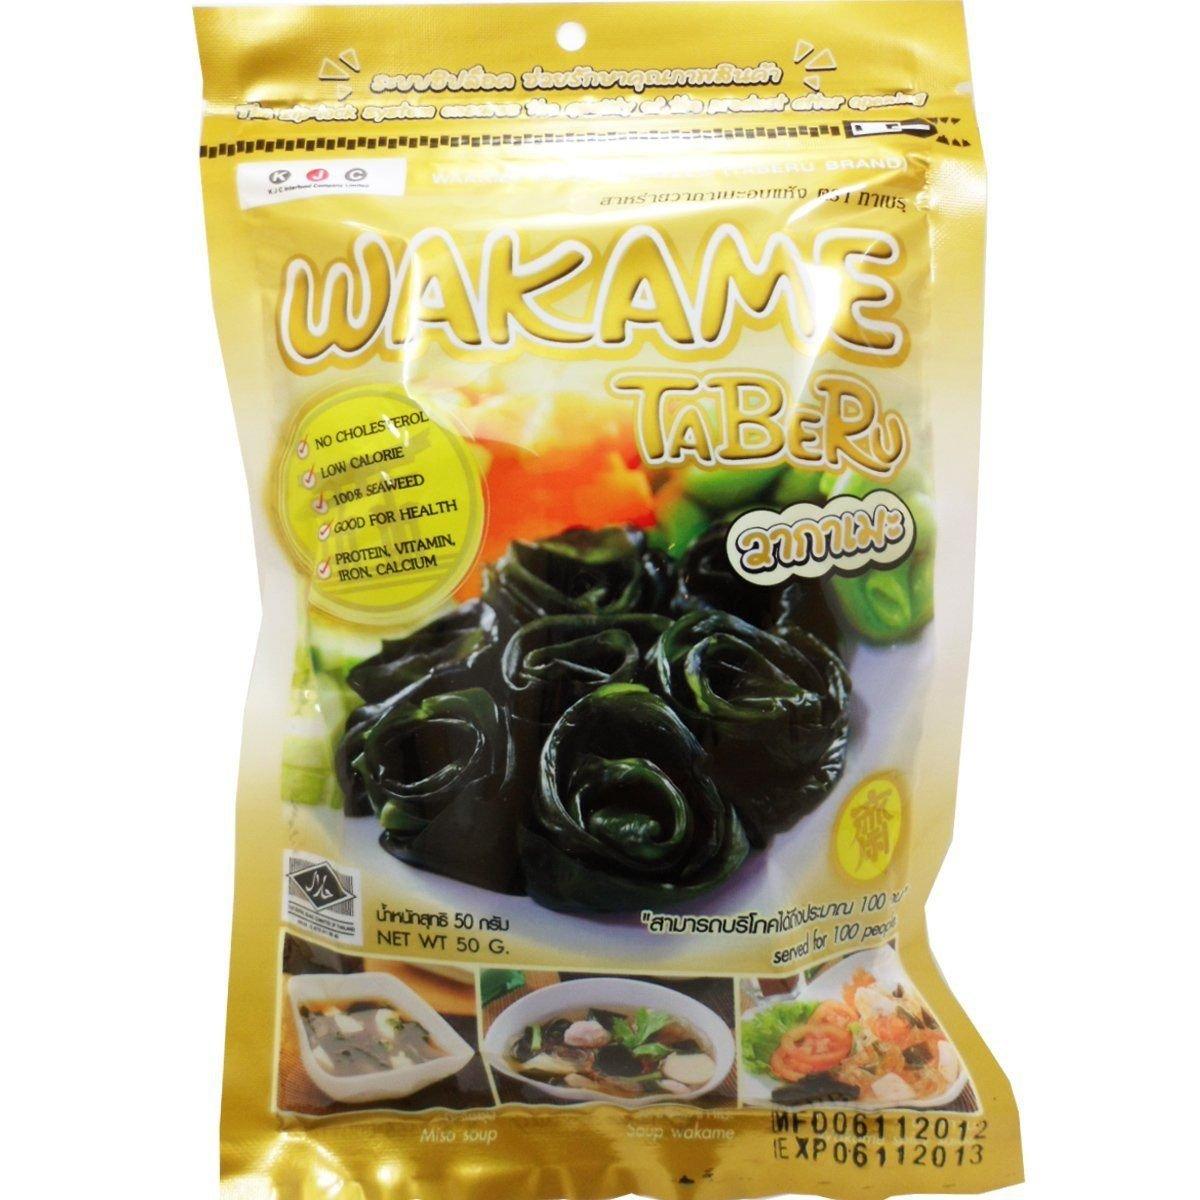 Wakame Dried Seaweed 100% Natural Net Wt 50 G (1.76 Oz) Taberu Brand